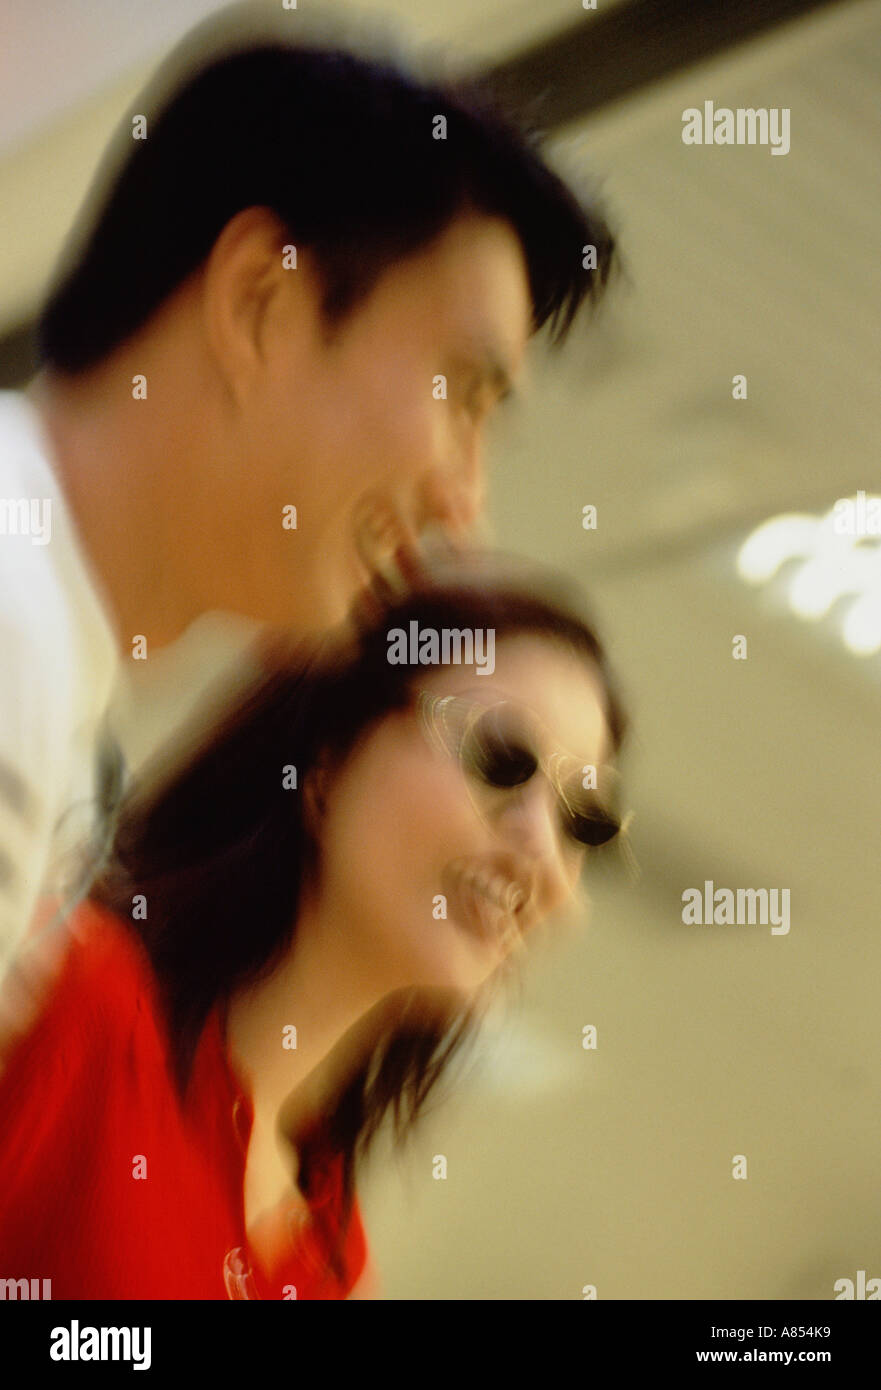 Couple Indoors Motion impression image - Stock Image